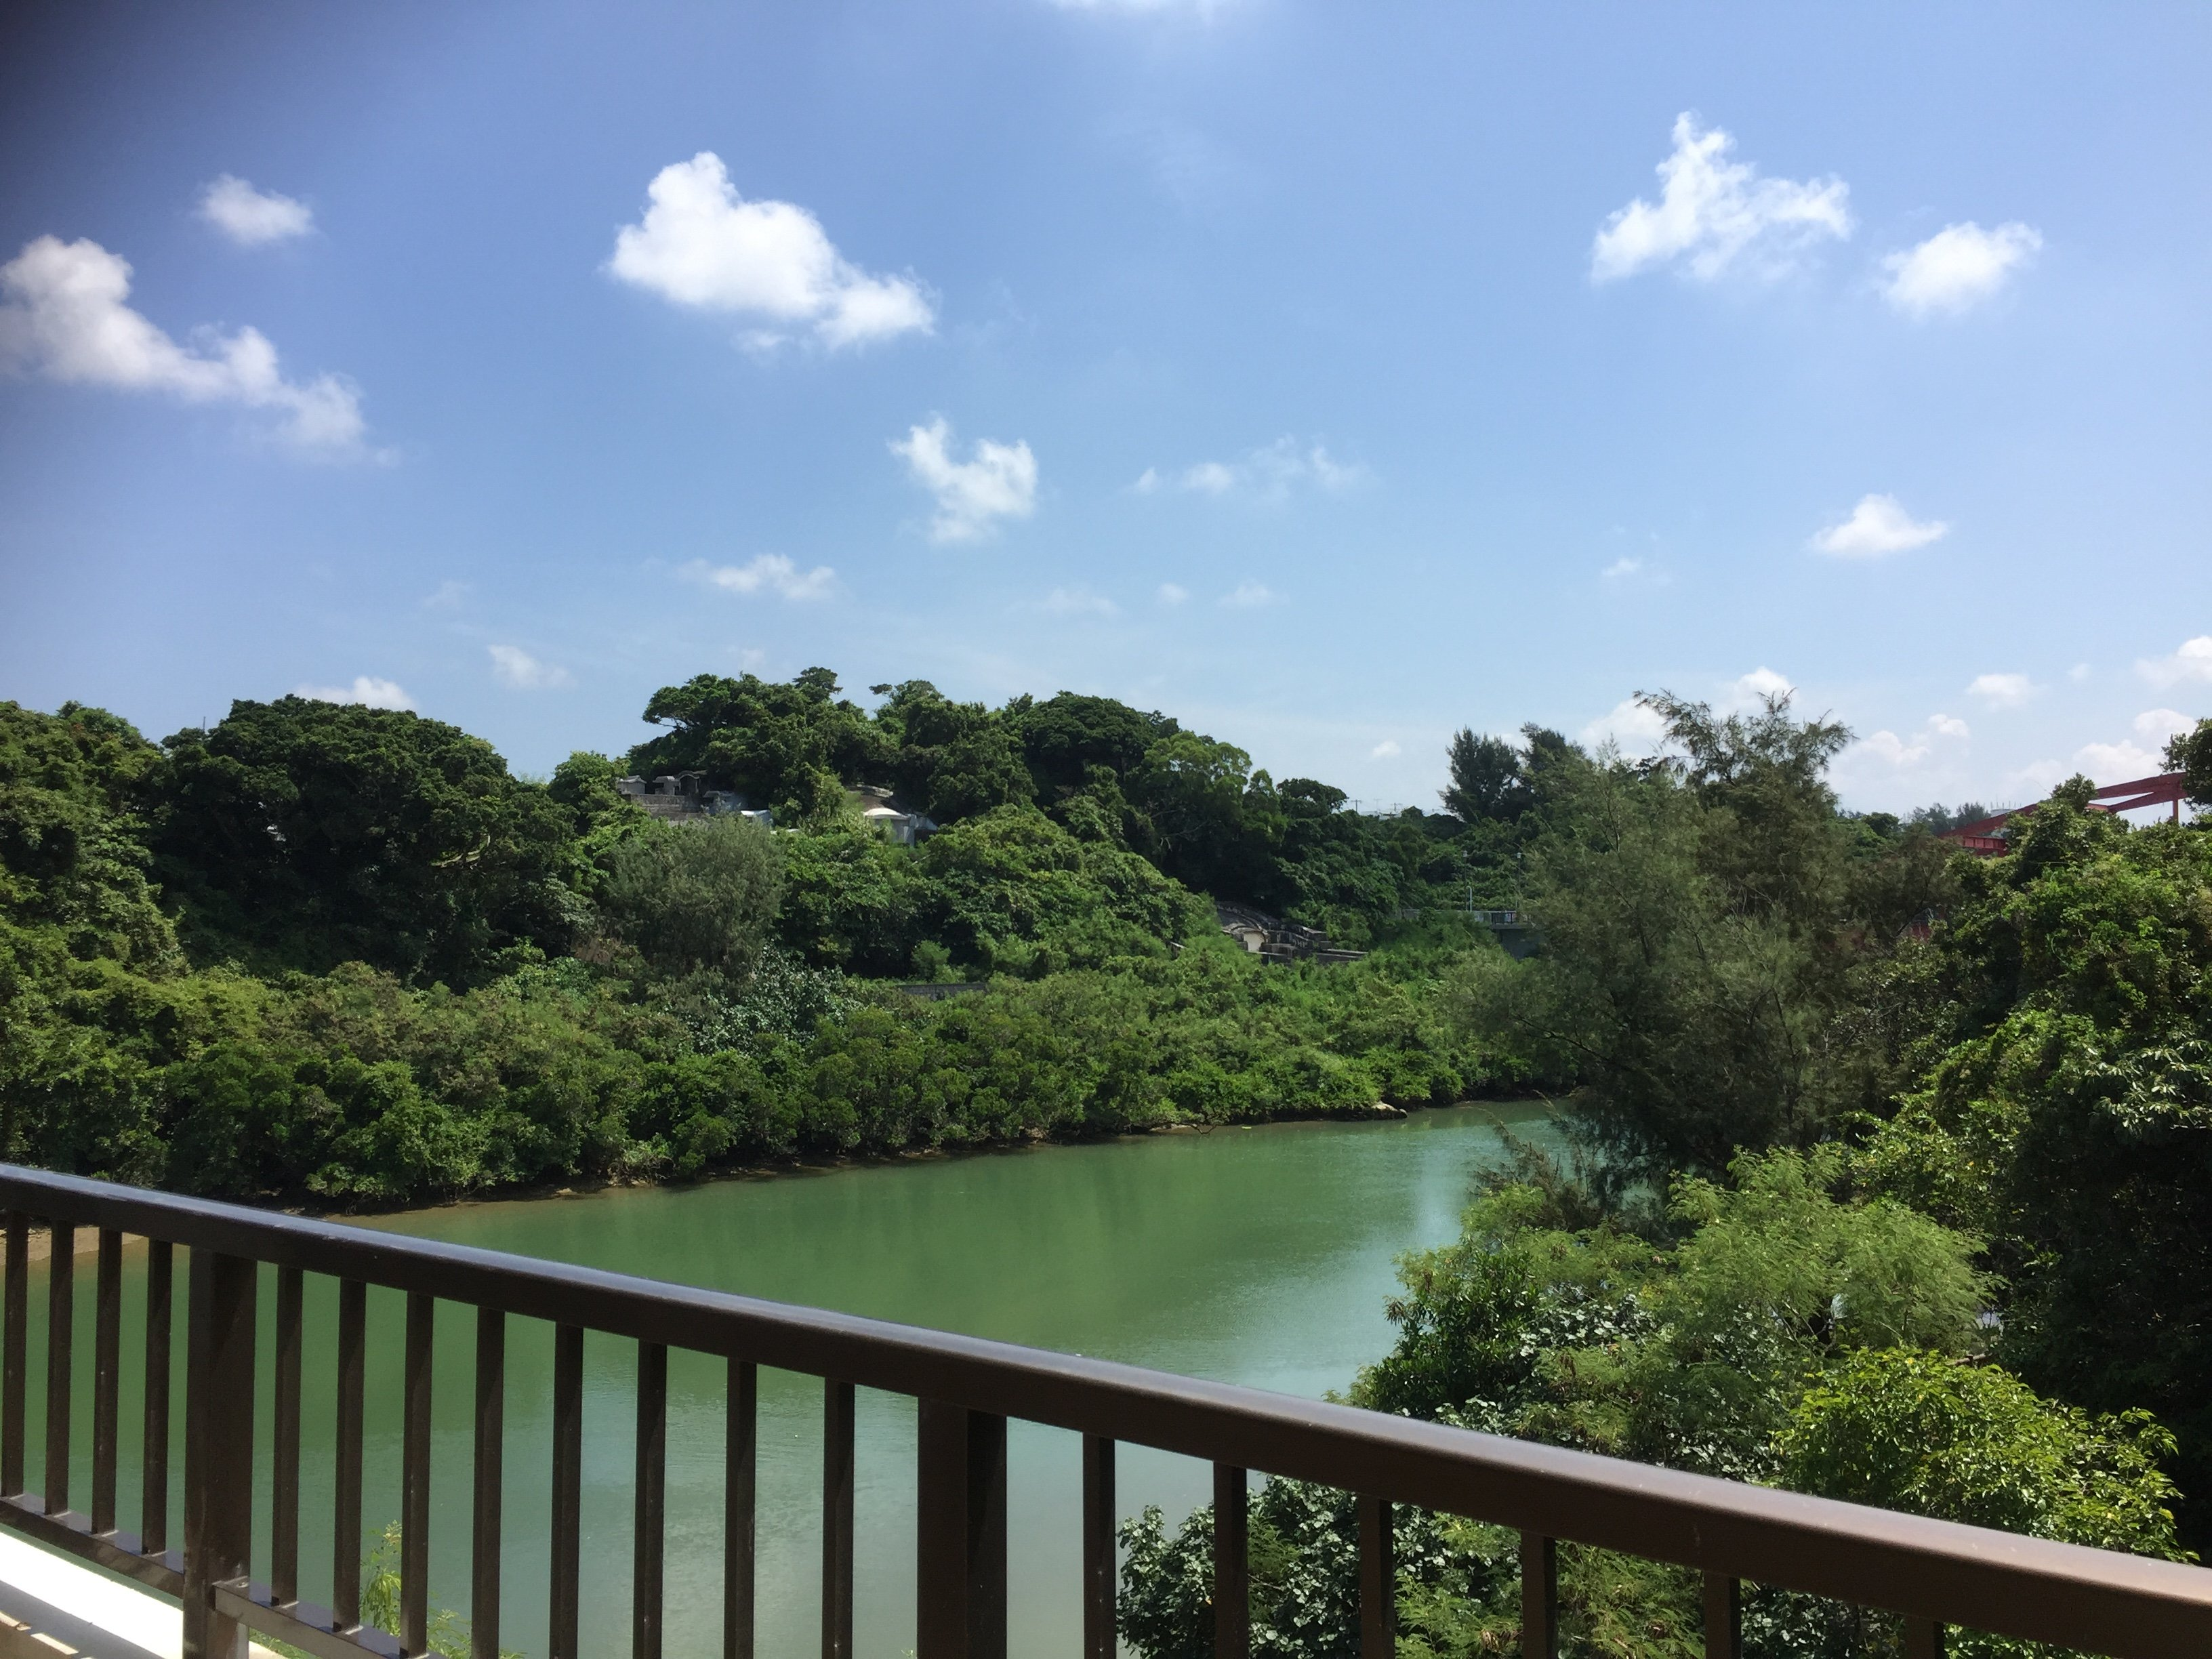 GREENCOTE 15D - My Housing Okinawa